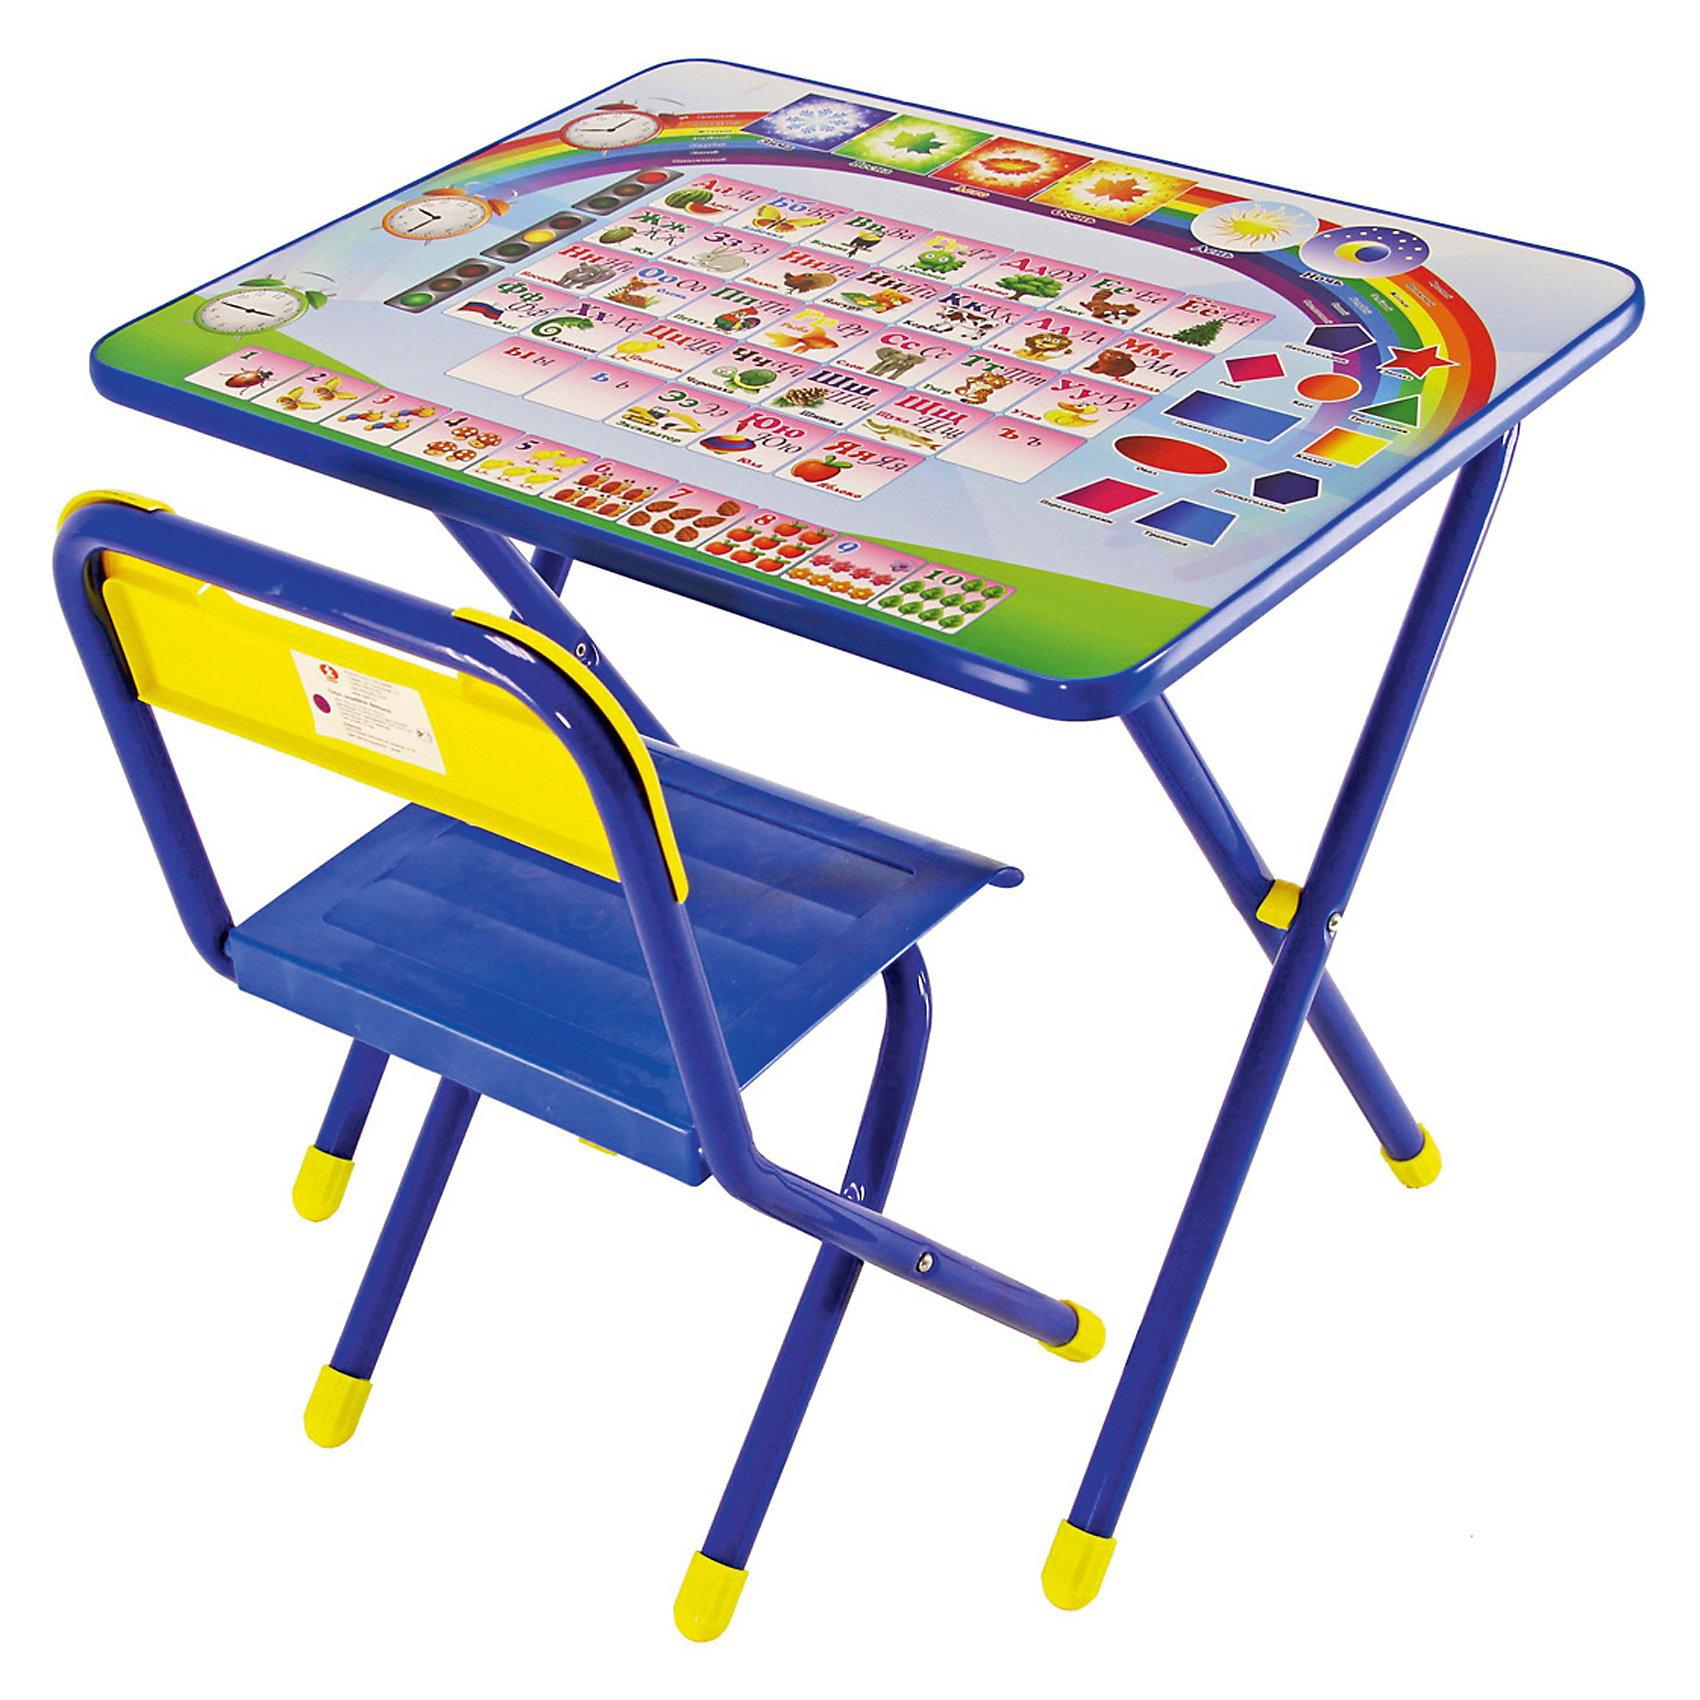 Набор мебели Алфавит (2-5 лет), Дэми, синийМебель<br>В данный набор входит стол и стульчик, которые прекрасно подходят для эксплуатации как дома, так и в дошкольных учреждениях. Может быть использован для детских игр и занятий.<br>Ламинированную столешницу легко очищать.<br>На поверхность нанесен яркий обучающий рисунок, состоящий из букв и цифр, который явно заинтересует ребёнка.<br>За столом Ваш ребенок сможет заниматься рисованием, лепкой, чтением или просто играть.<br>При необходимости набор легко складывает и убирается, поэтому он подходит даже для помещений маленькой площади.<br><br>Дополнительная информация:<br><br>- вес набора:  8 кг. <br>- цвет:  синий <br>- размеры : 15х64х74 см. <br>- материал: металл, пластмасса <br>- размеры столешницы: 45х60 см.<br>- высота до плоскости столешницы: 46 см.<br>- высота по сиденью: 26 см.<br>- высота верхнего края спинки: 24 см.<br>- допустимая нагрузка на сиденье до 30 кг.<br><br>Набор детской мебели Алфавит, Дэми, синий можно купить в нашем интернет магазине.<br><br>Ширина мм: 150<br>Глубина мм: 740<br>Высота мм: 640<br>Вес г: 8000<br>Возраст от месяцев: 24<br>Возраст до месяцев: 60<br>Пол: Мужской<br>Возраст: Детский<br>SKU: 3530354